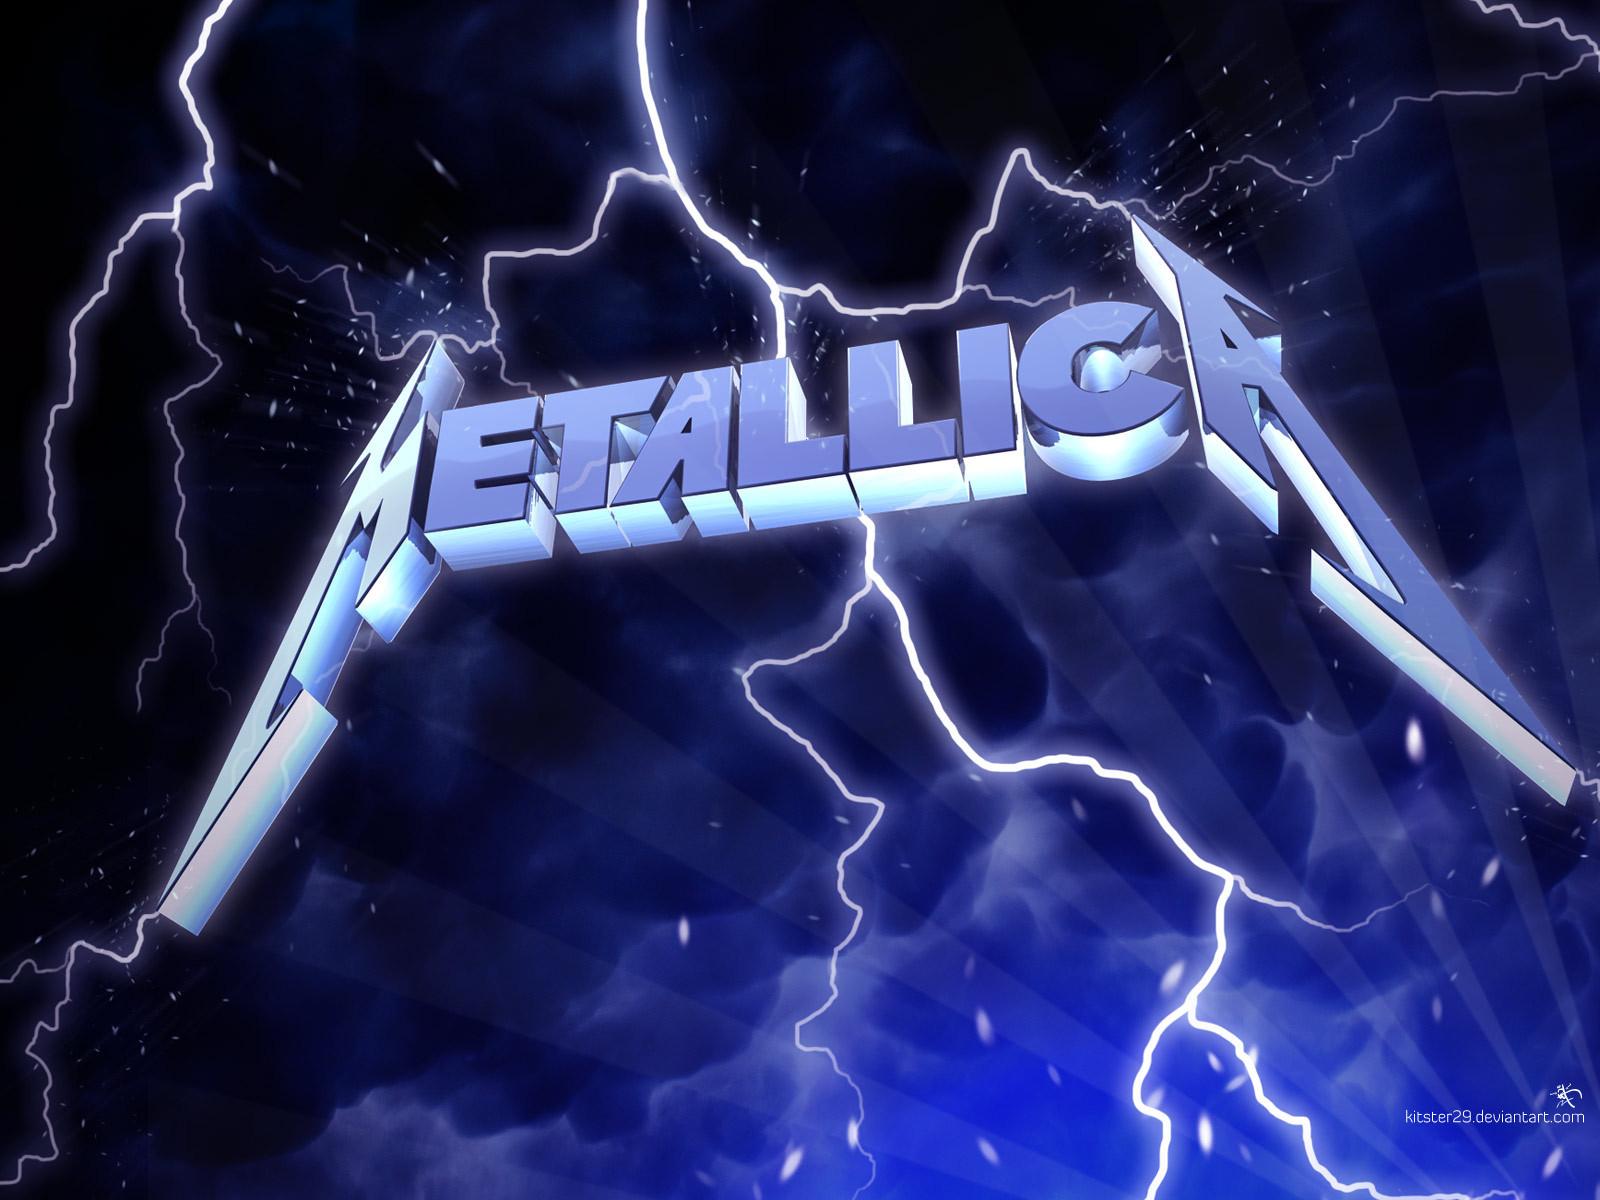 Hi def walls wednesday music 9 metallica - Metallica wallpaper ...